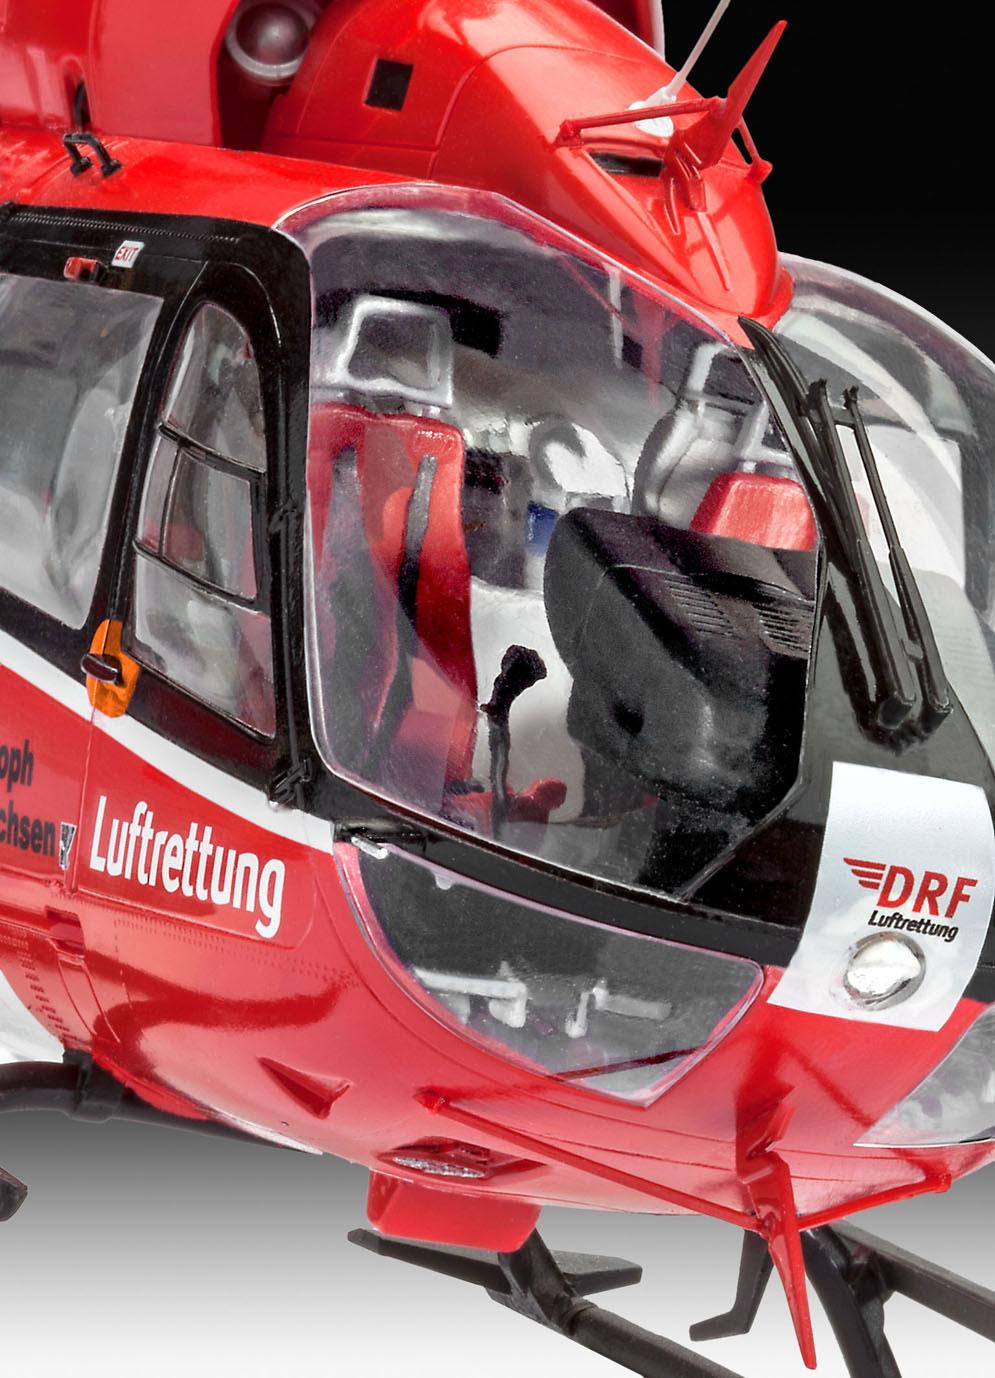 Majorette EC 145 Helicopter DRF Notartz New In Blister